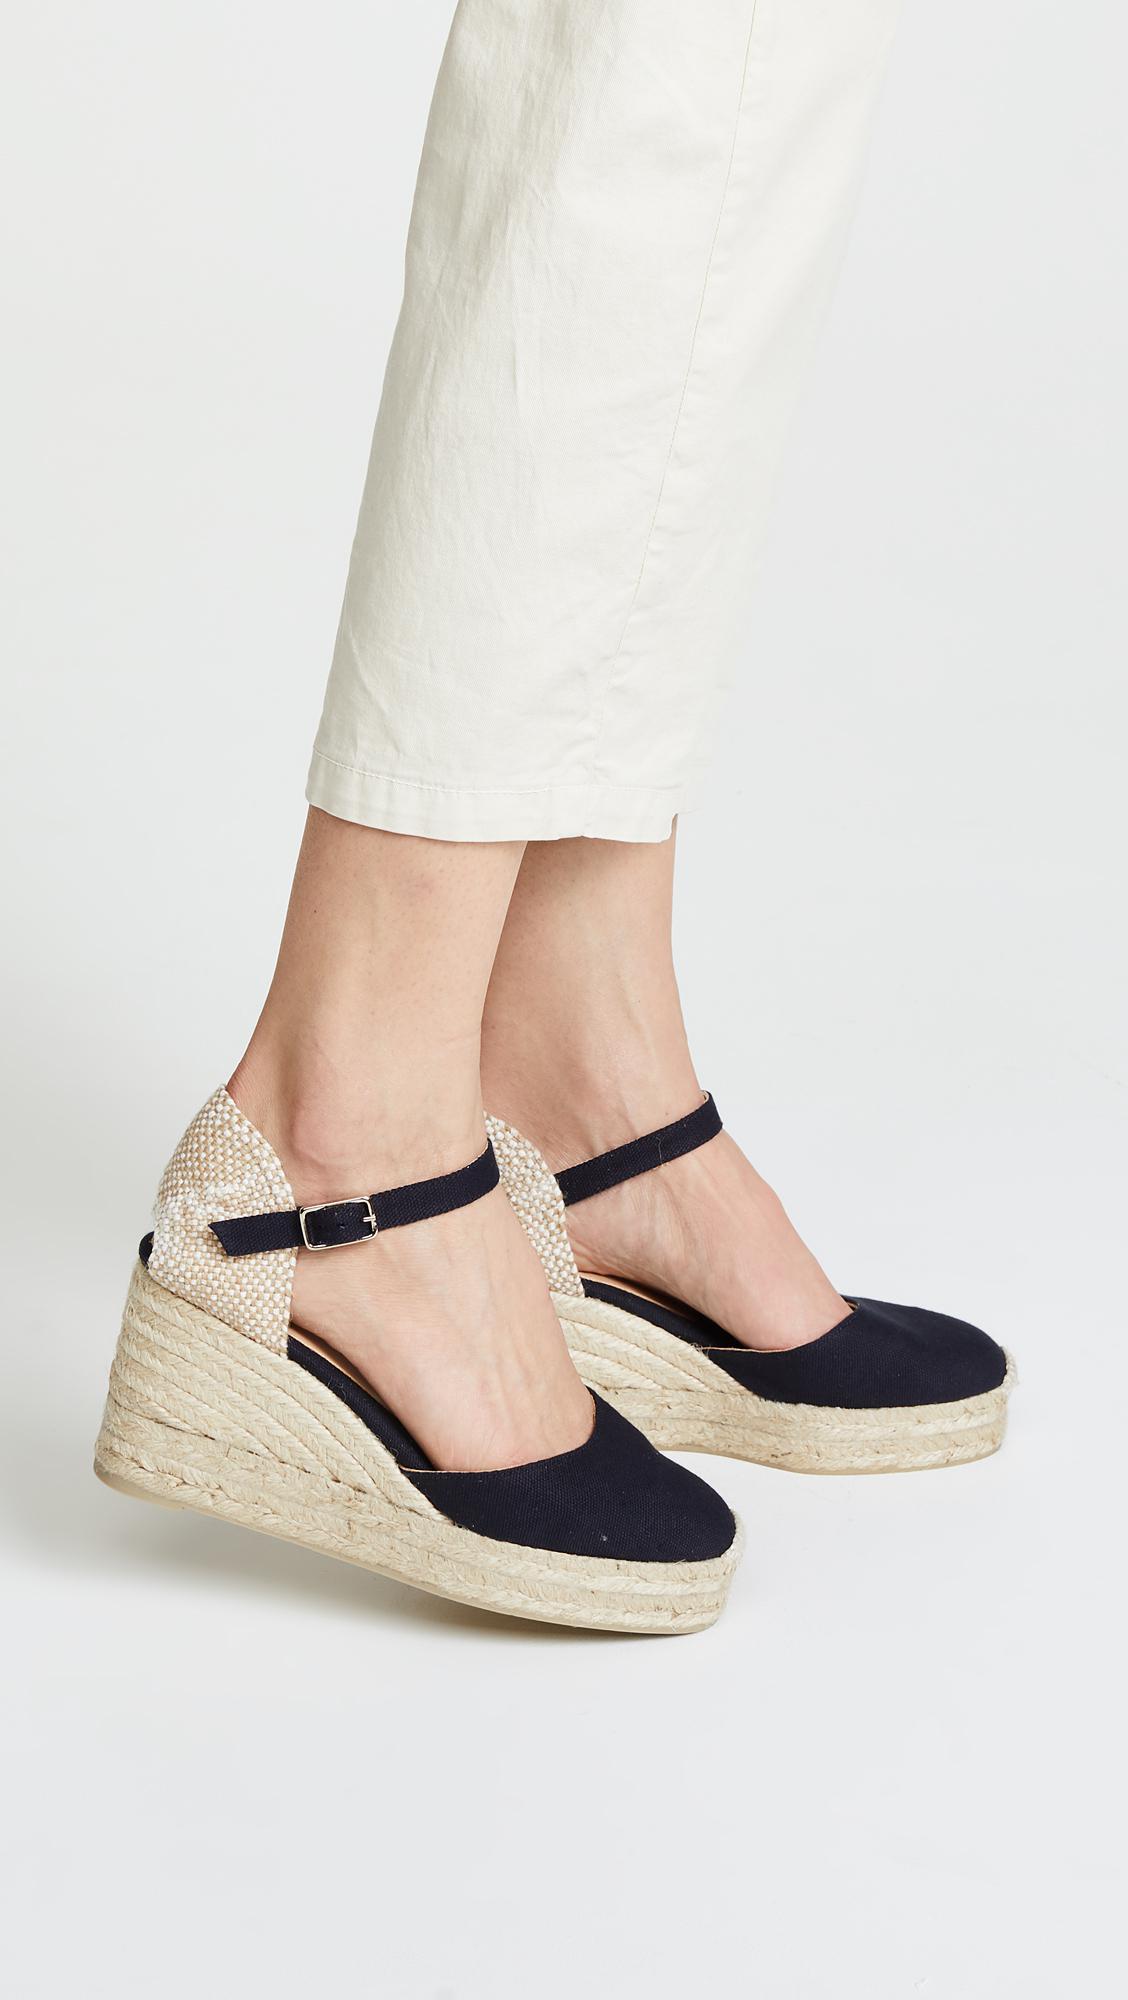 Castaner Women's Carol Ankle Strap Platform Wedge Espadrilles r6nlr3